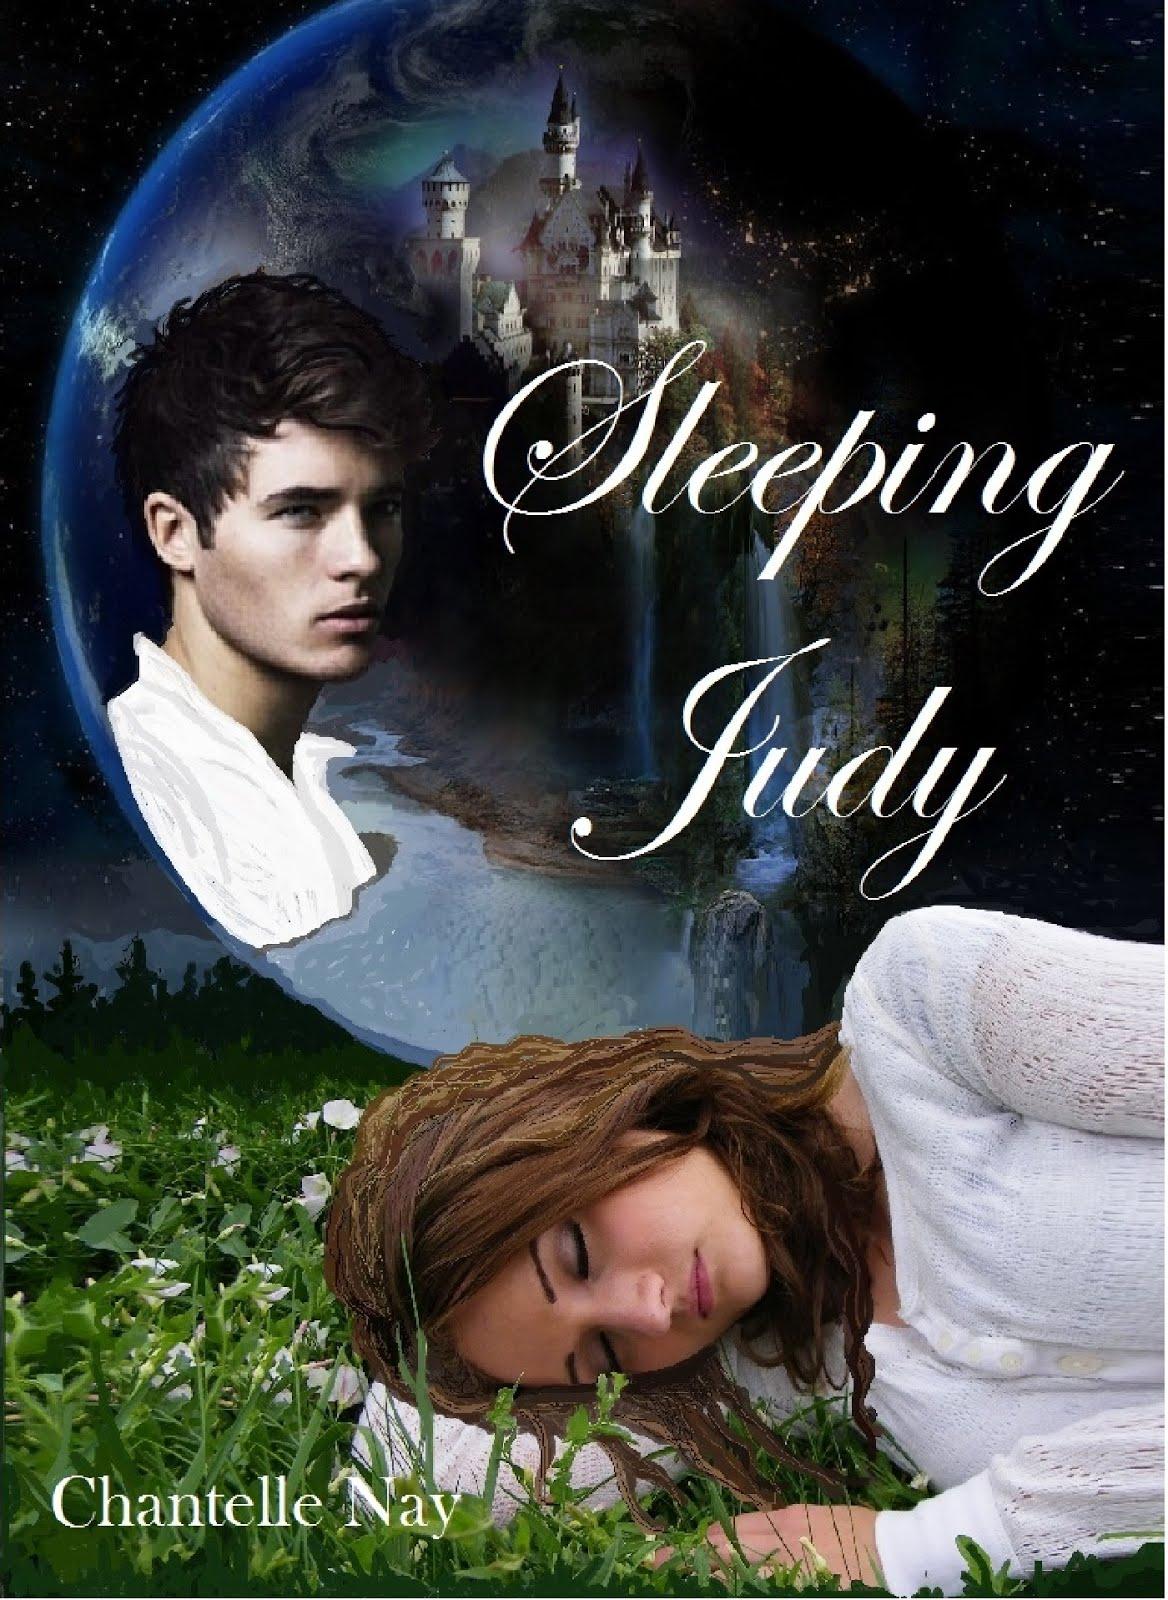 Sleeping Judy